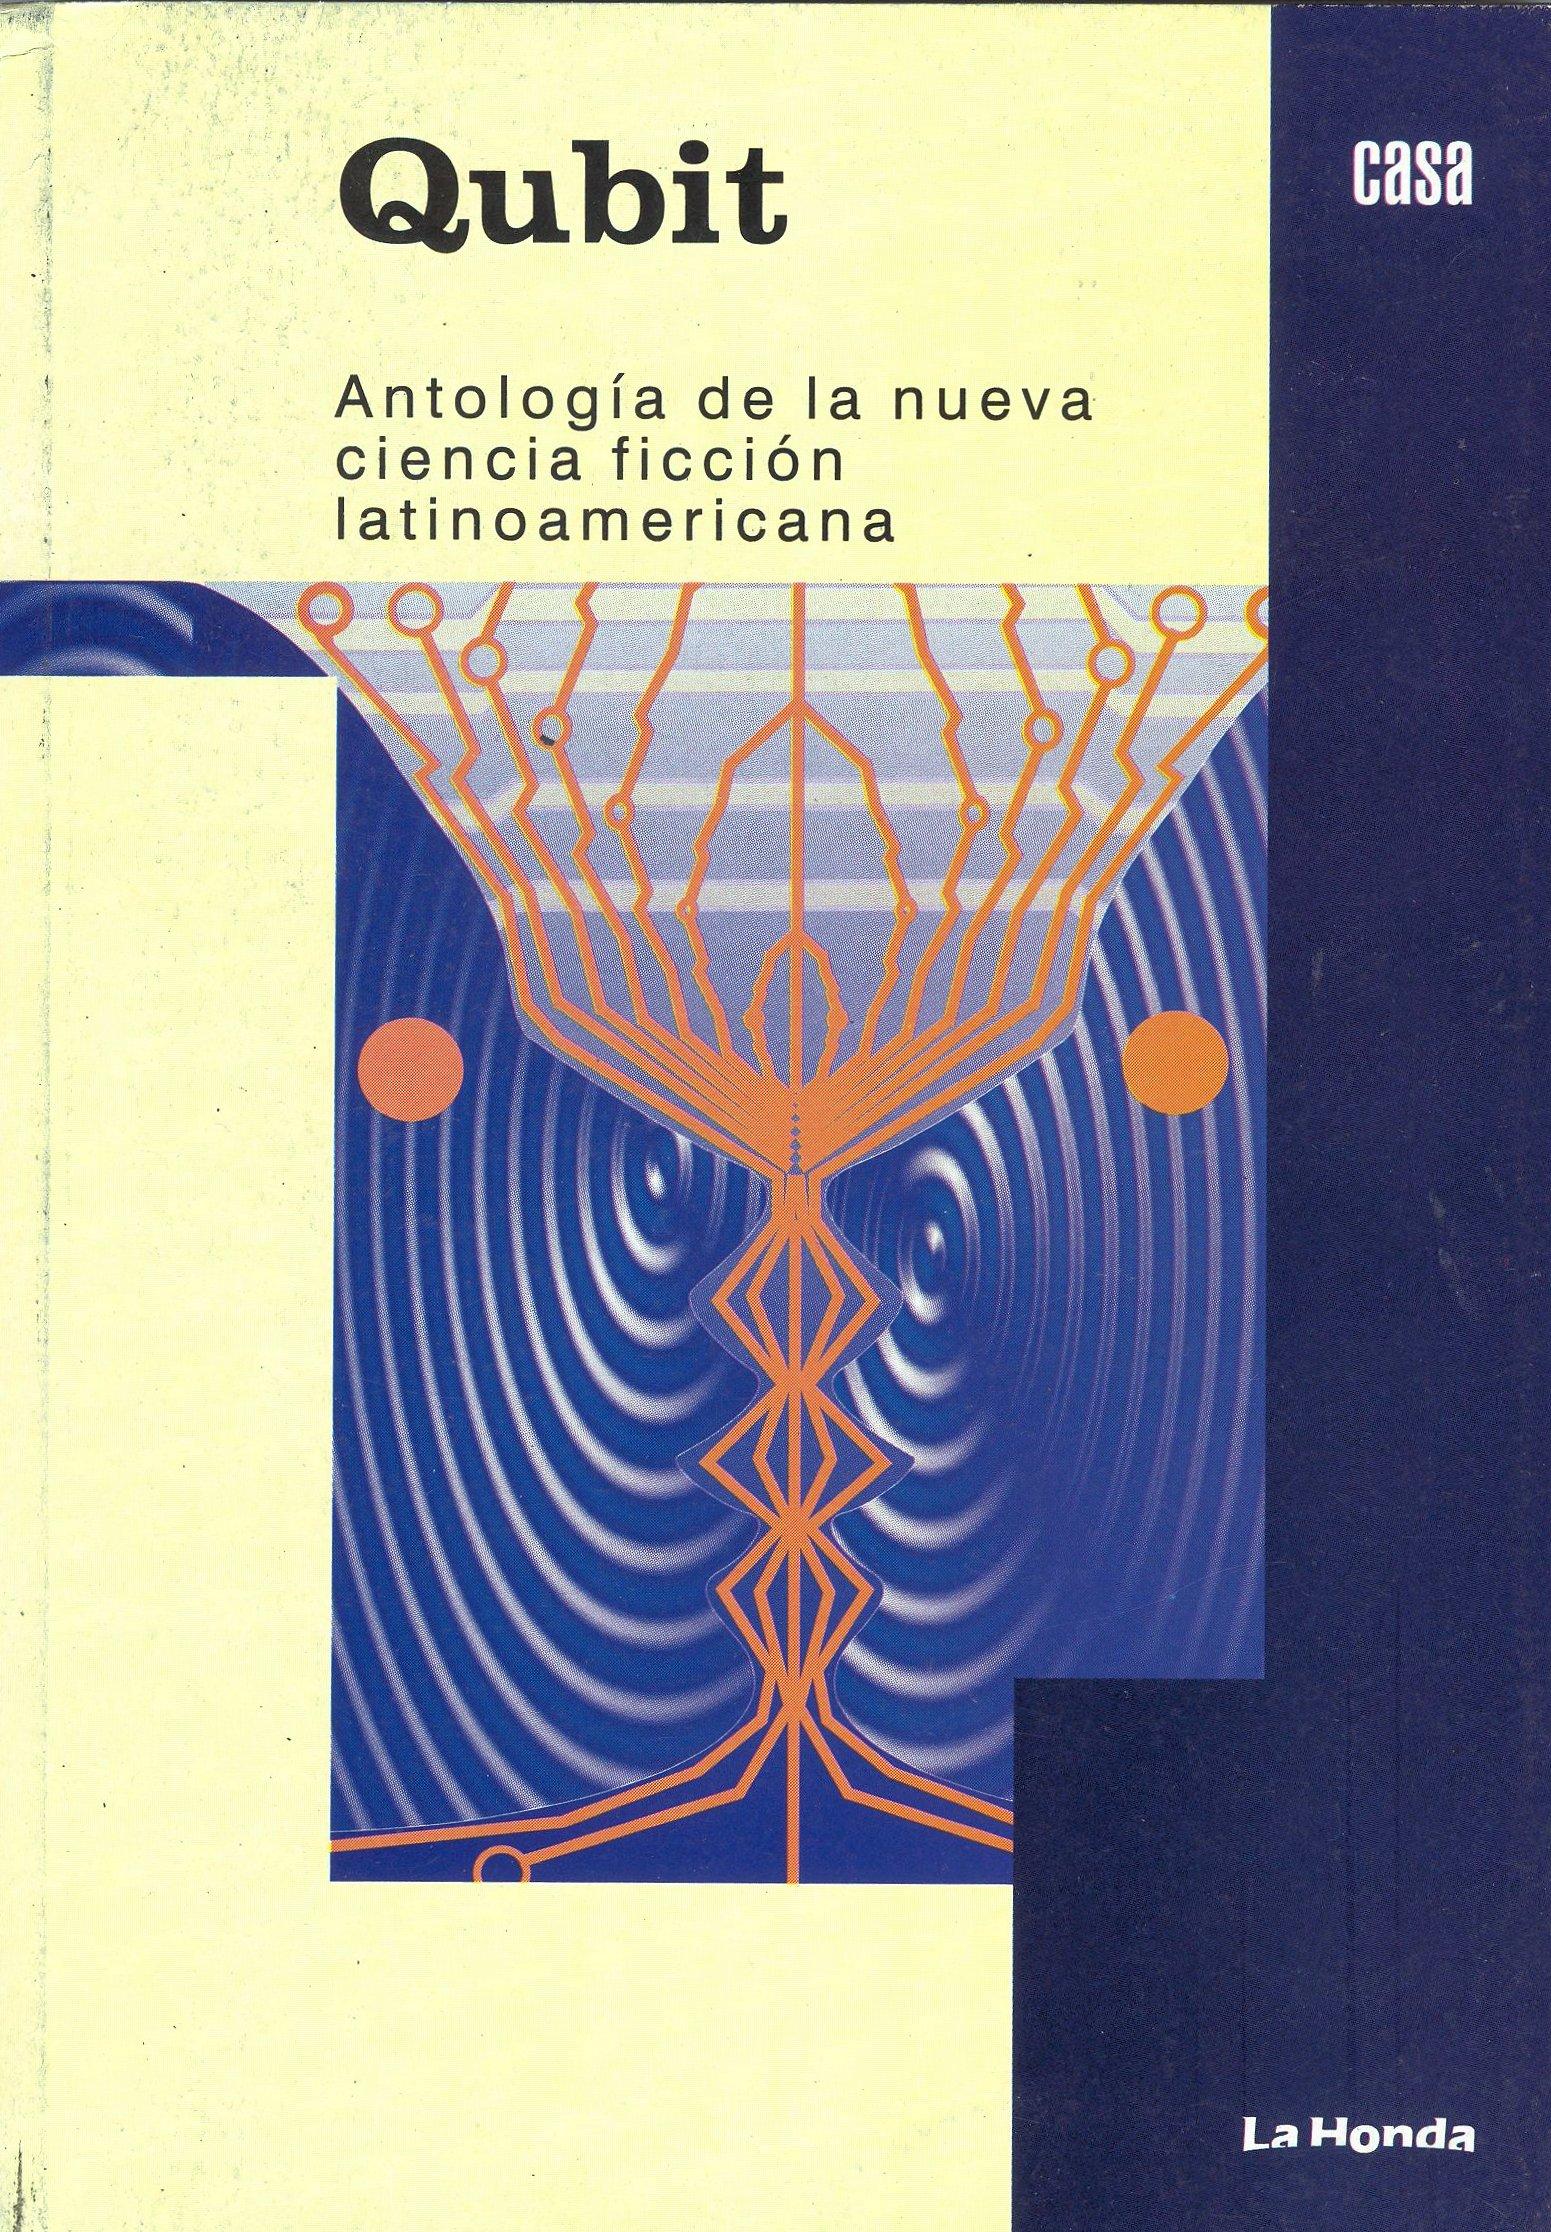 2011 Antología Qubit